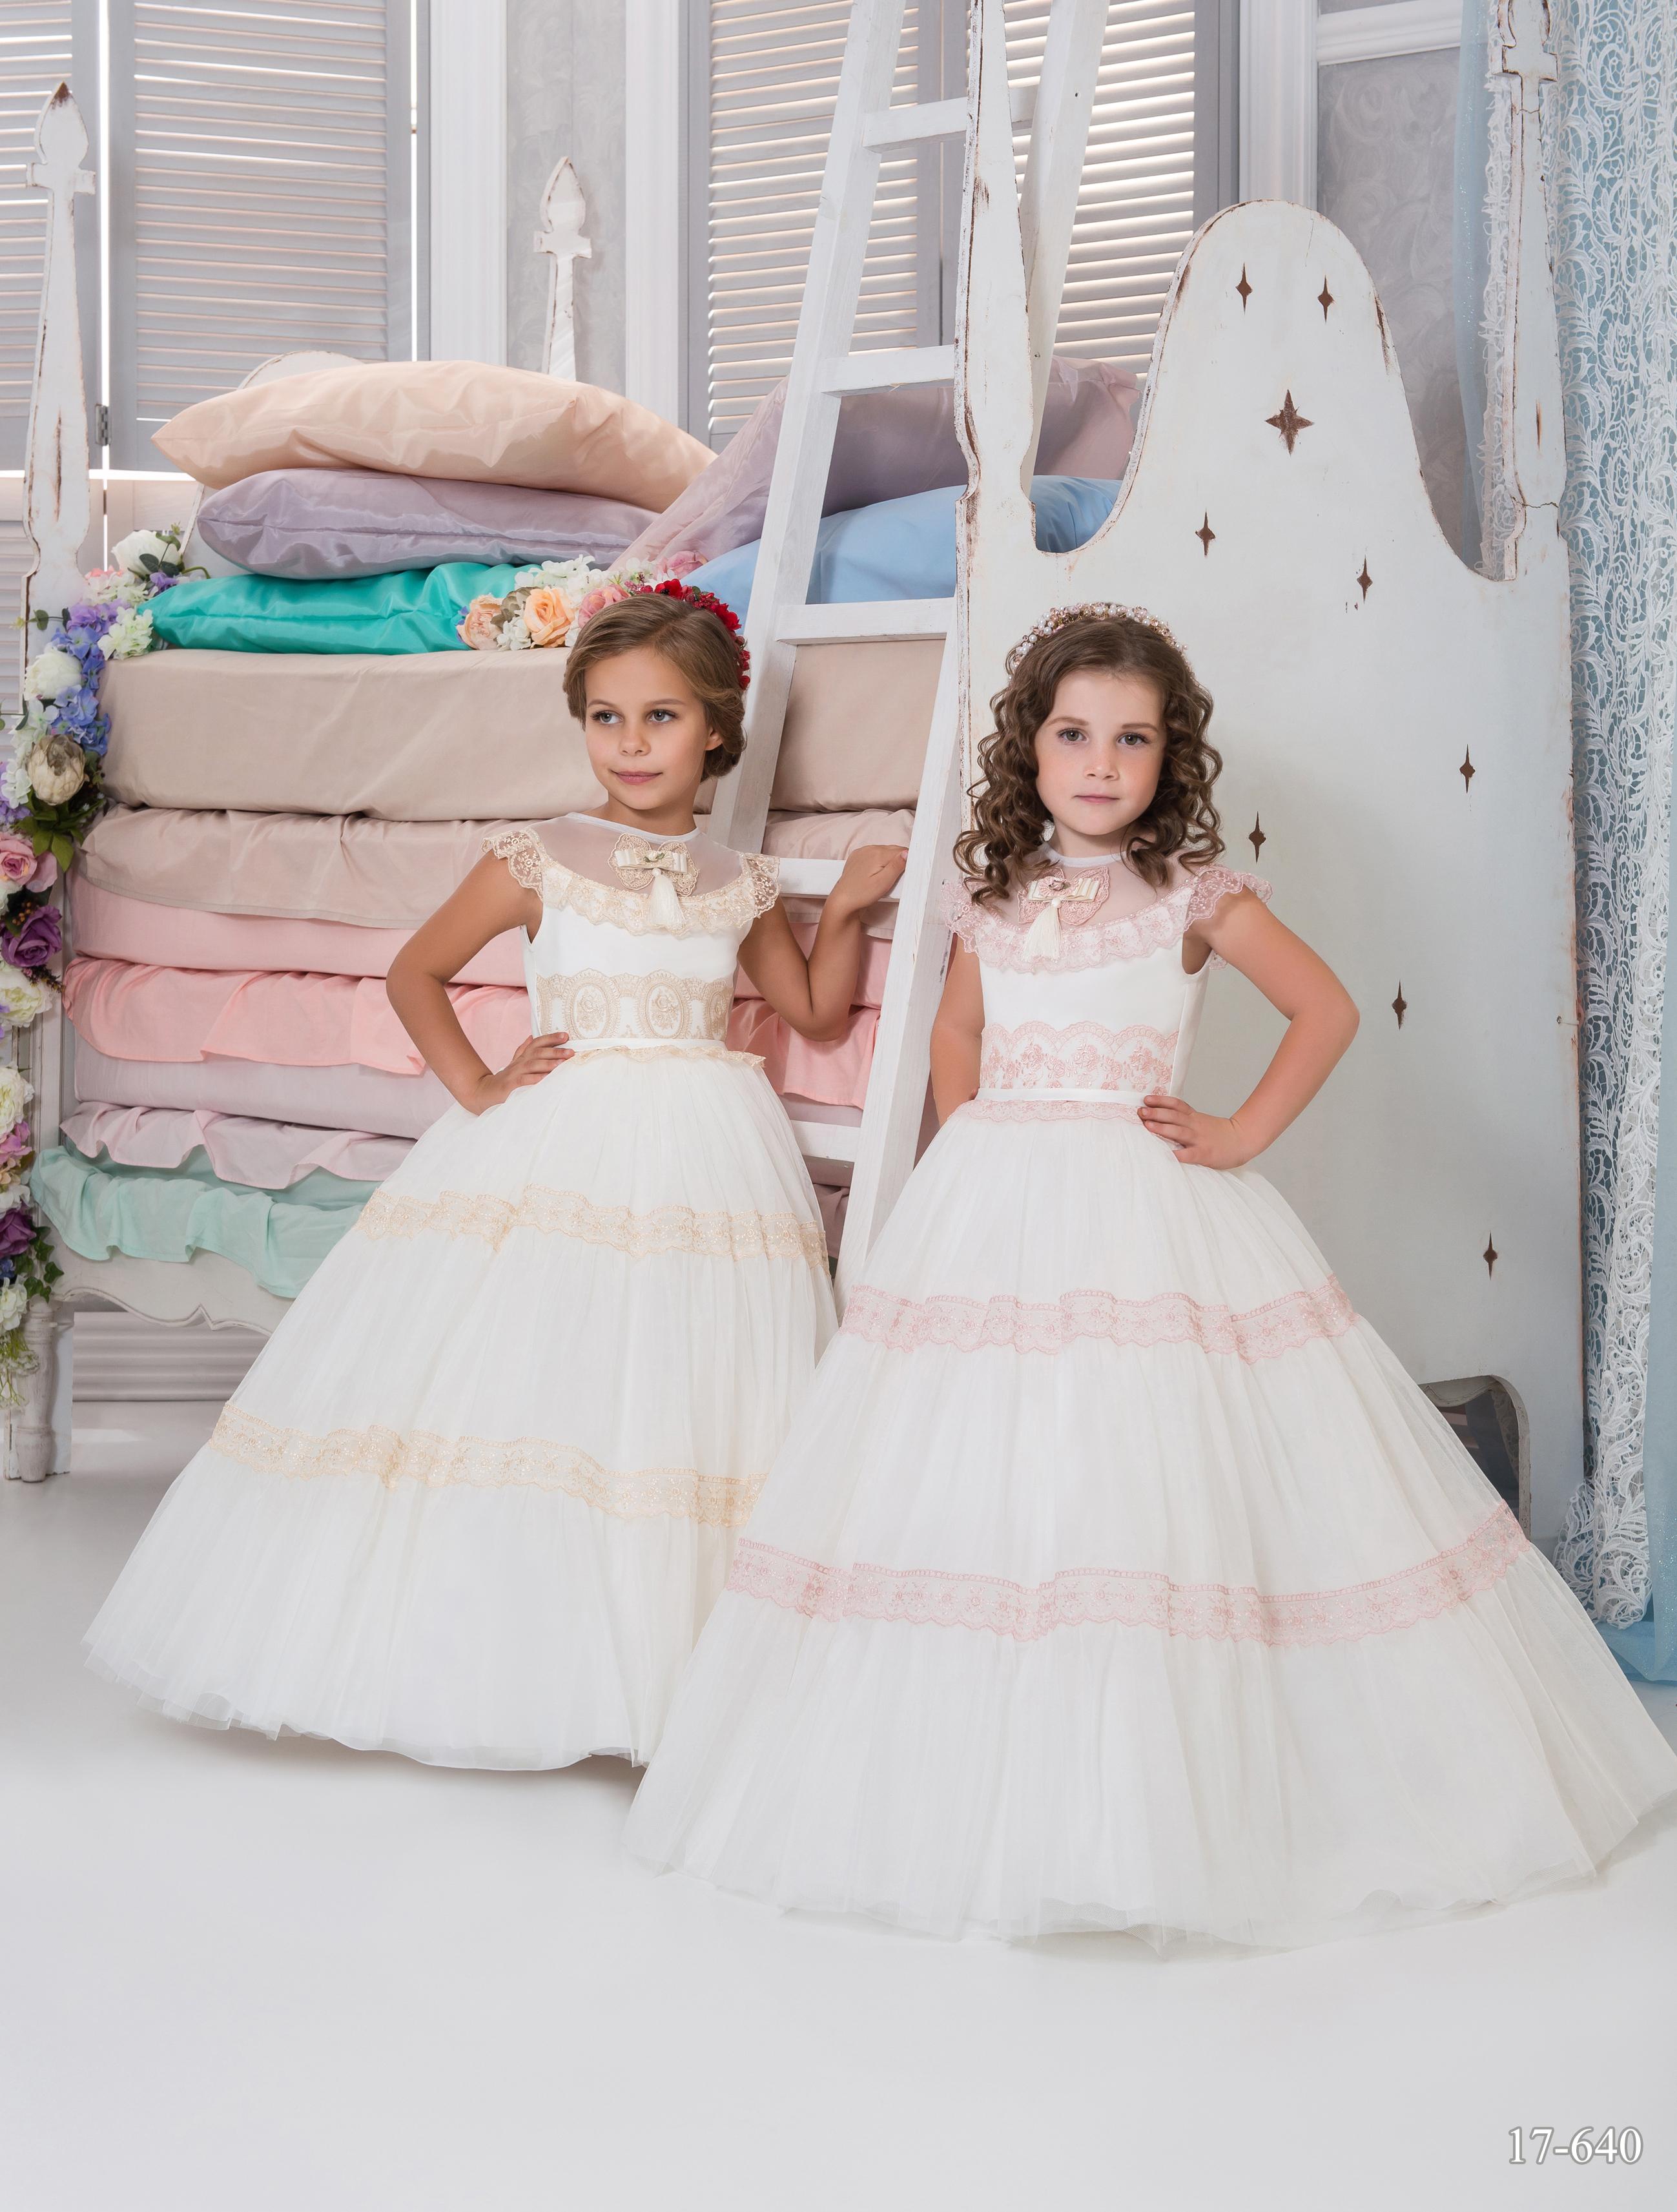 eee2215c6891bd Дитячі сукні 2018; Дитячі сукні 2017